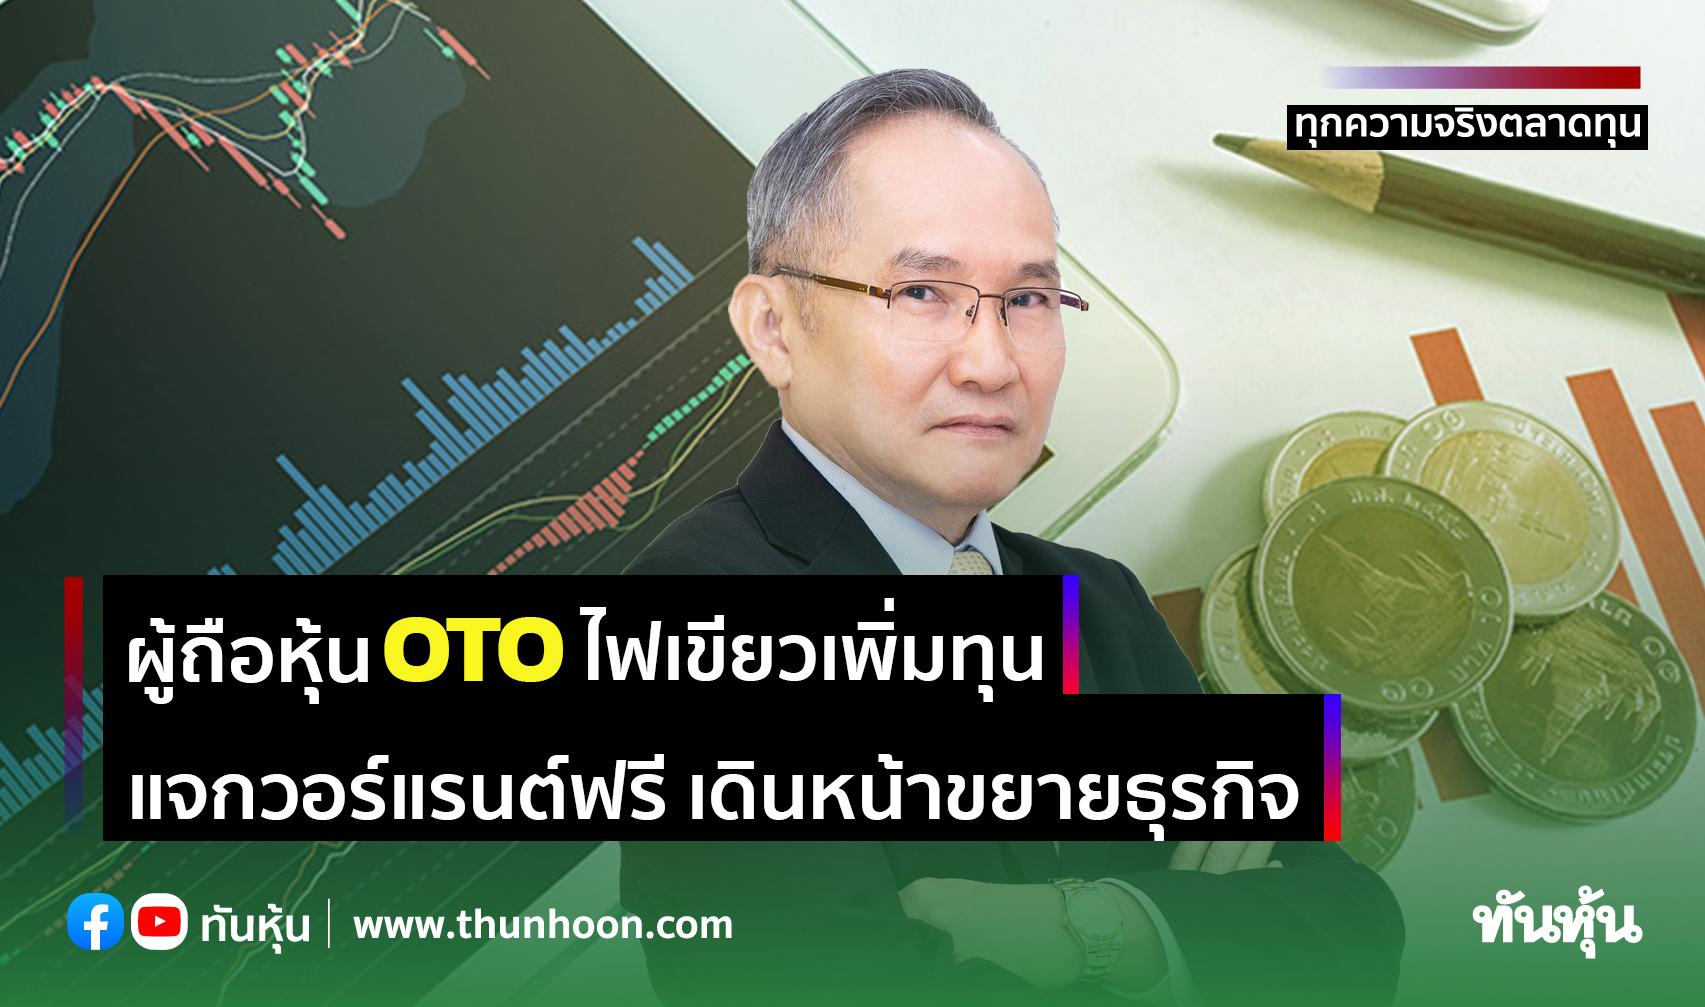 ผู้ถือหุ้น OTO ไฟเขียวเพิ่มทุน-แจกวอร์แรนต์ฟรี เดินหน้าขยายธุรกิจ